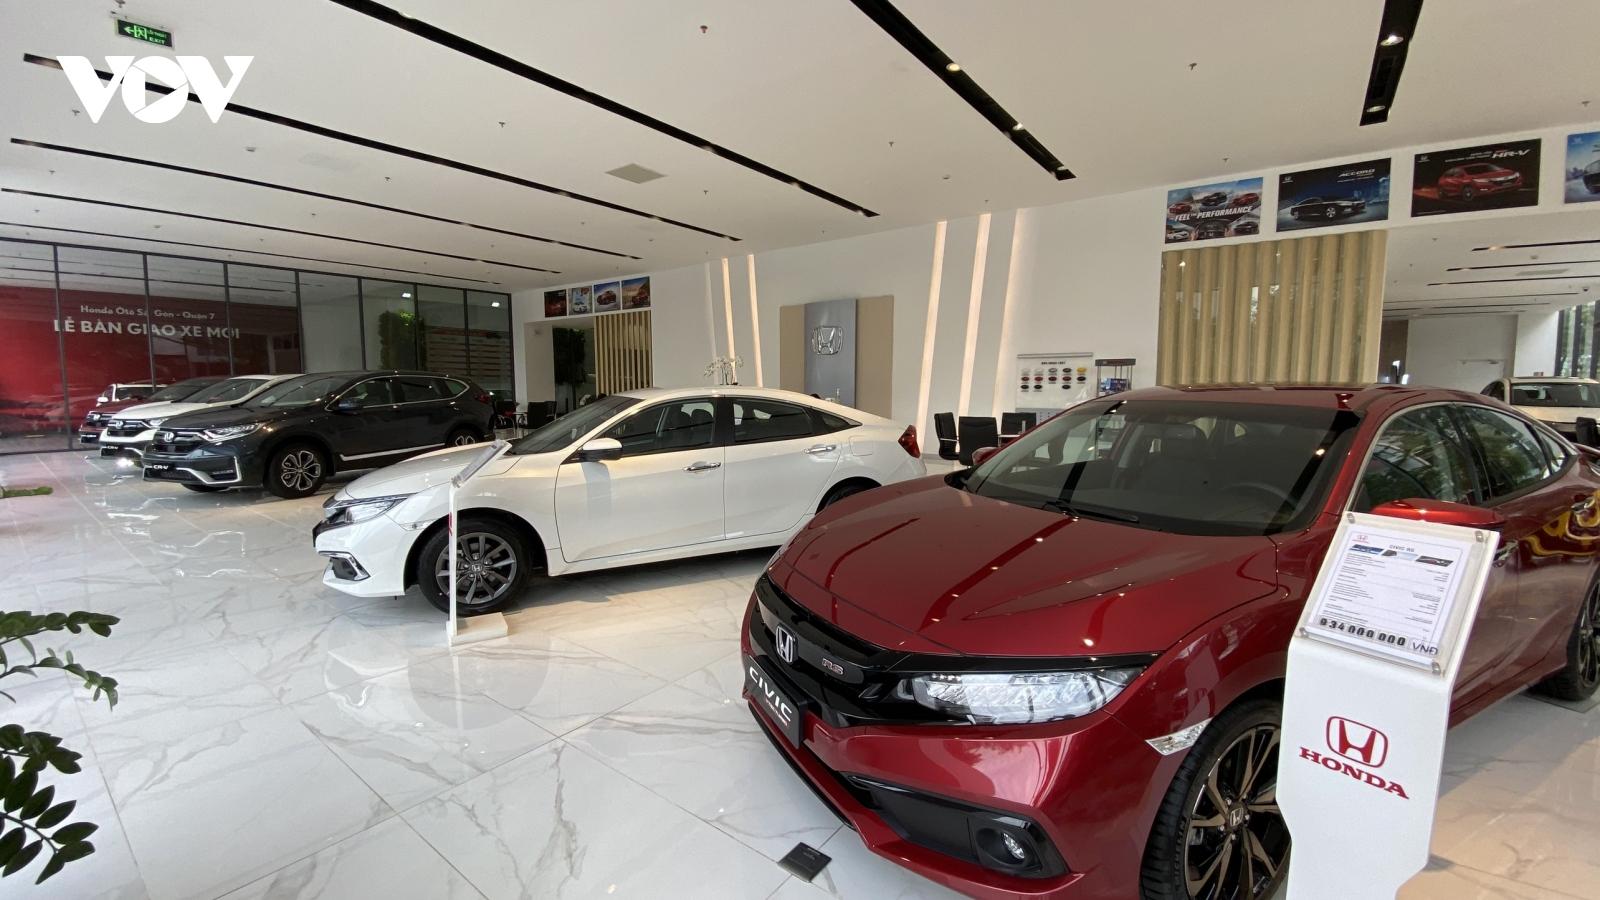 Ảnh hưởng dịch Covid-19, thị trường ô tô sụt giảm